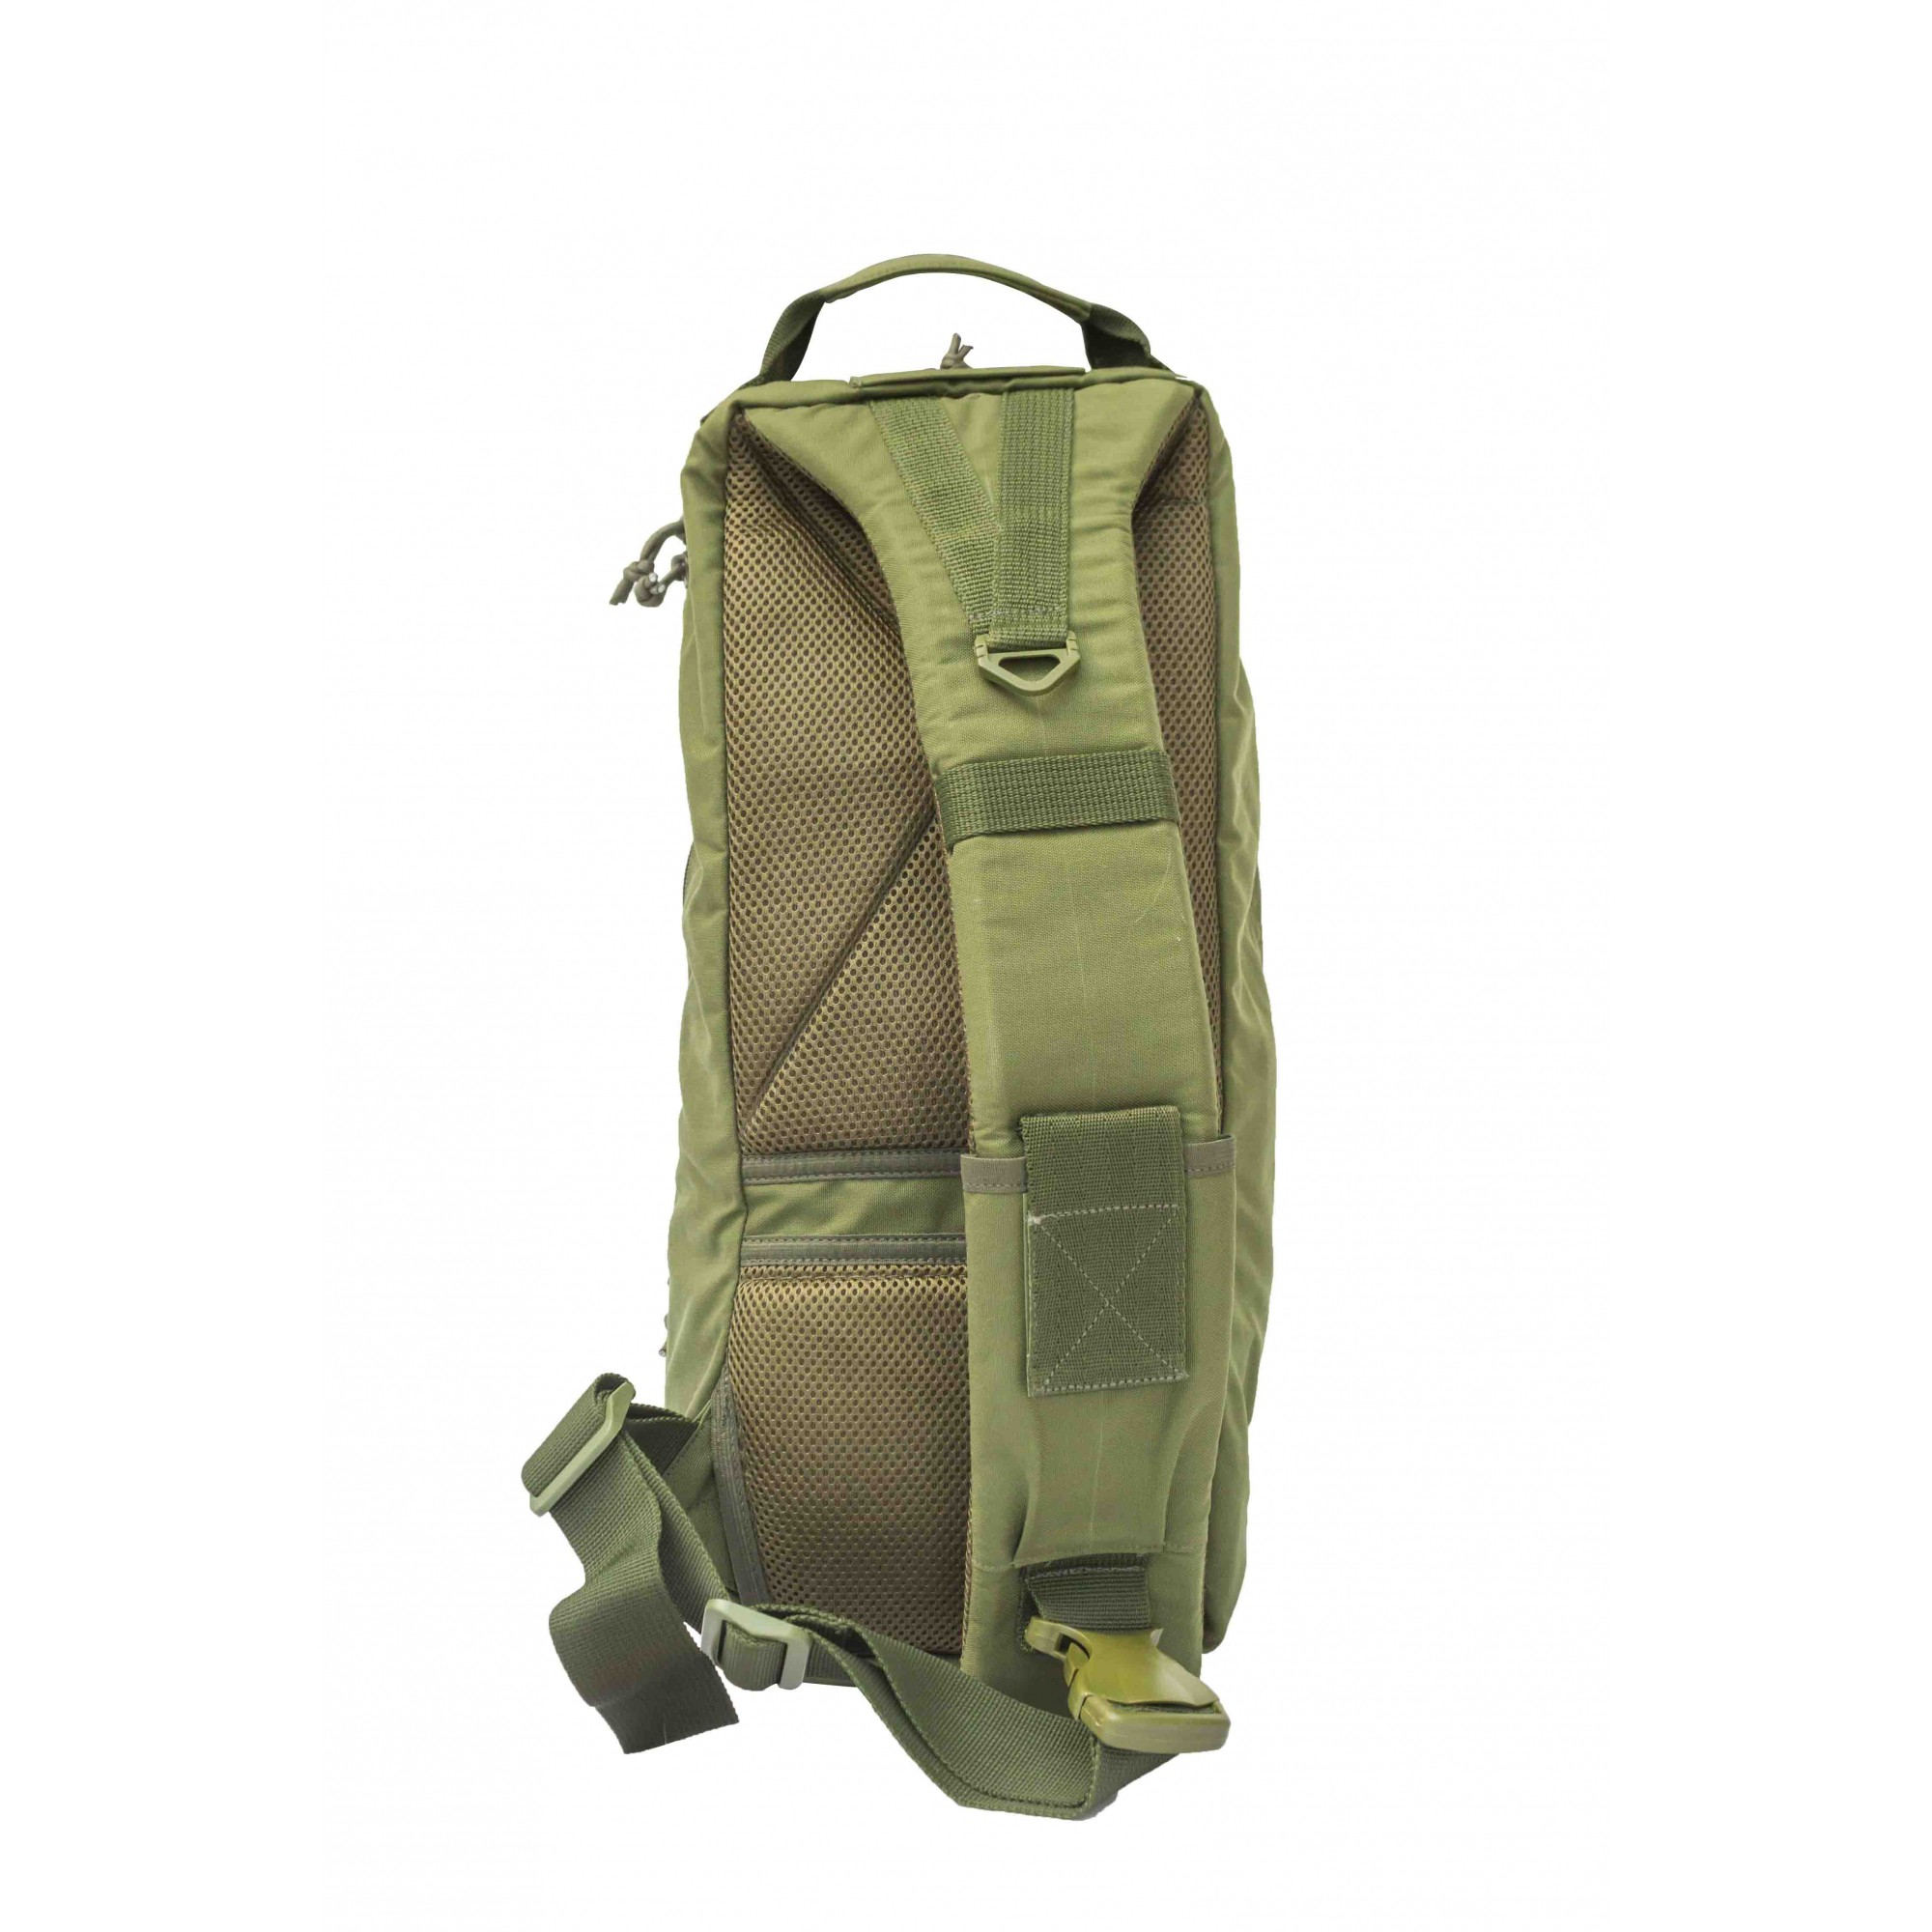 Mochila Tática Militar em cordura Go-Bag T2 Verde PDW